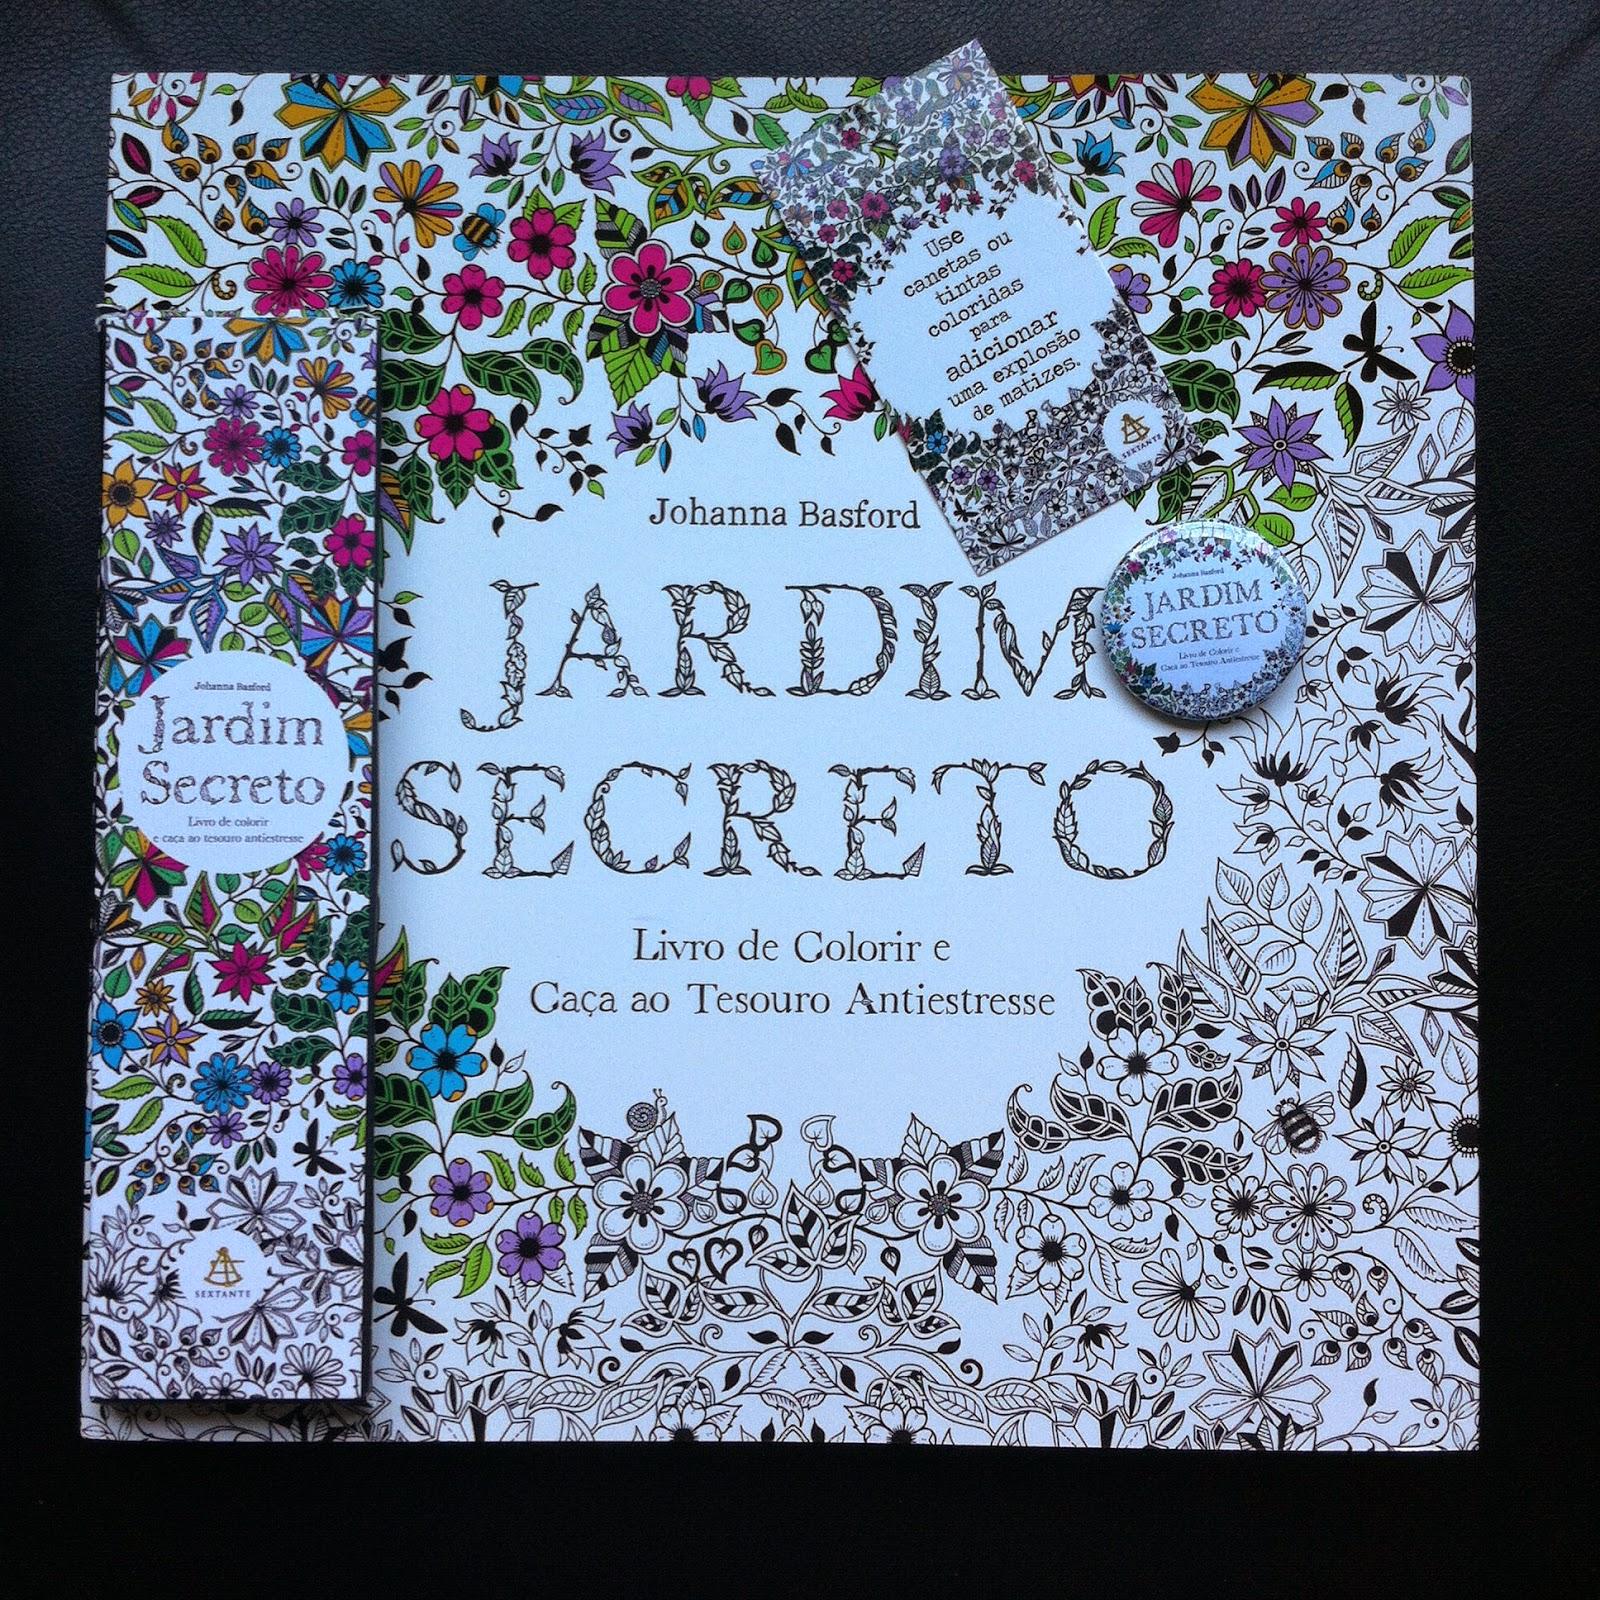 fotos do livro jardim secreto : fotos do livro jardim secreto:kit ( Livro, lápis de cor e botton.) do livro JARDIM SECRETO – LIVRO